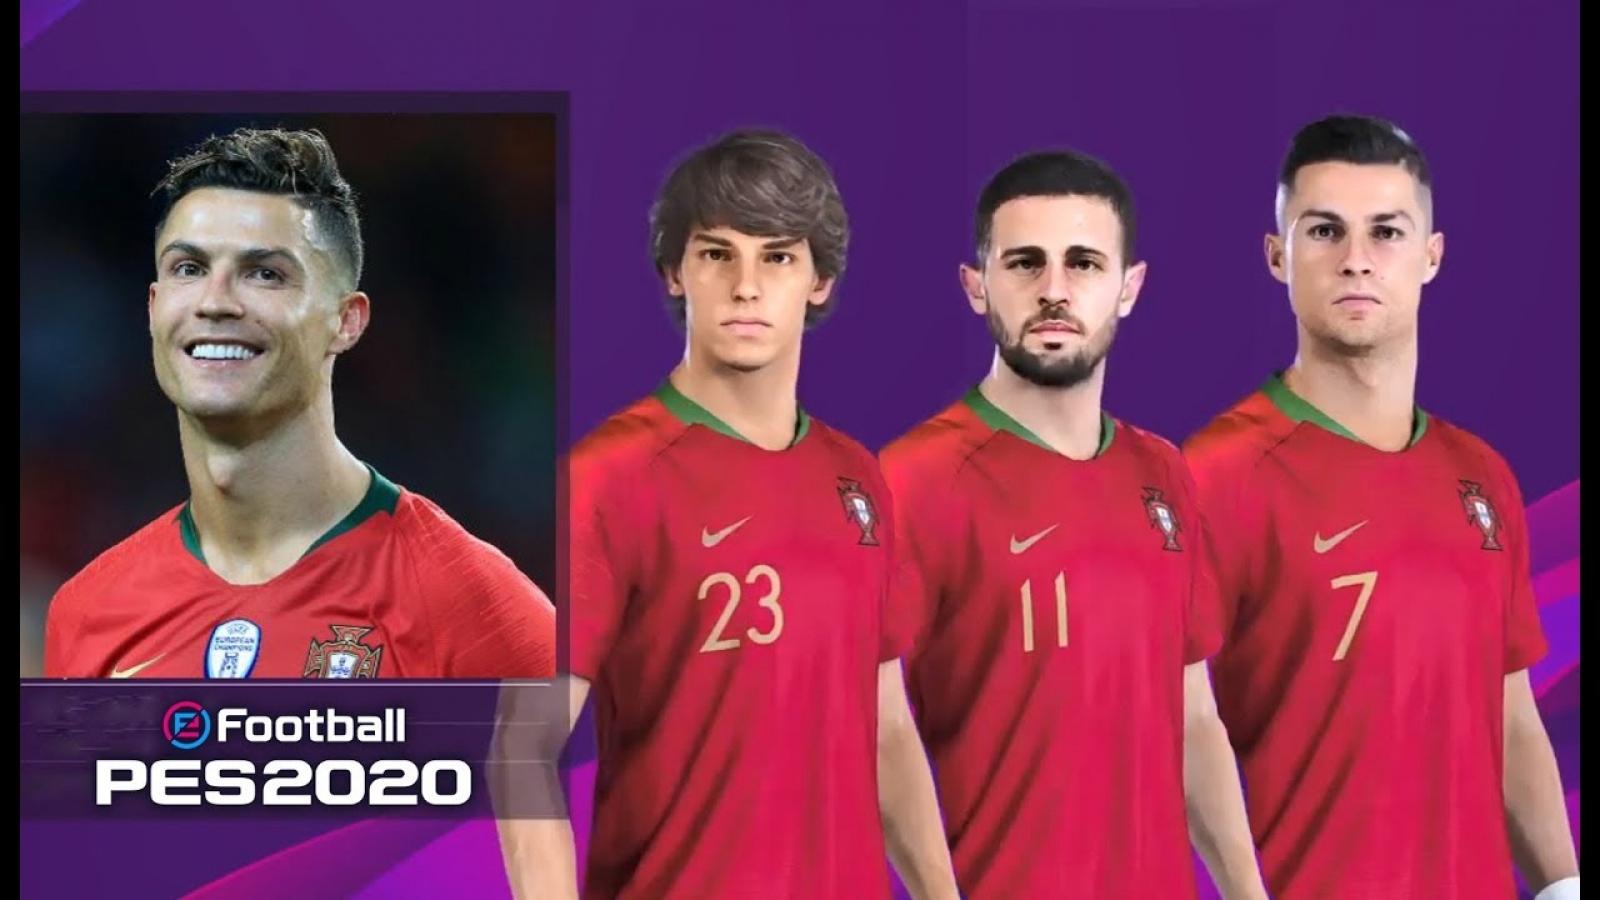 Top 10 cầu thủ Bồ Đào Nha khéo nhất PES 2020: Ronaldo vẫn thua 1 người